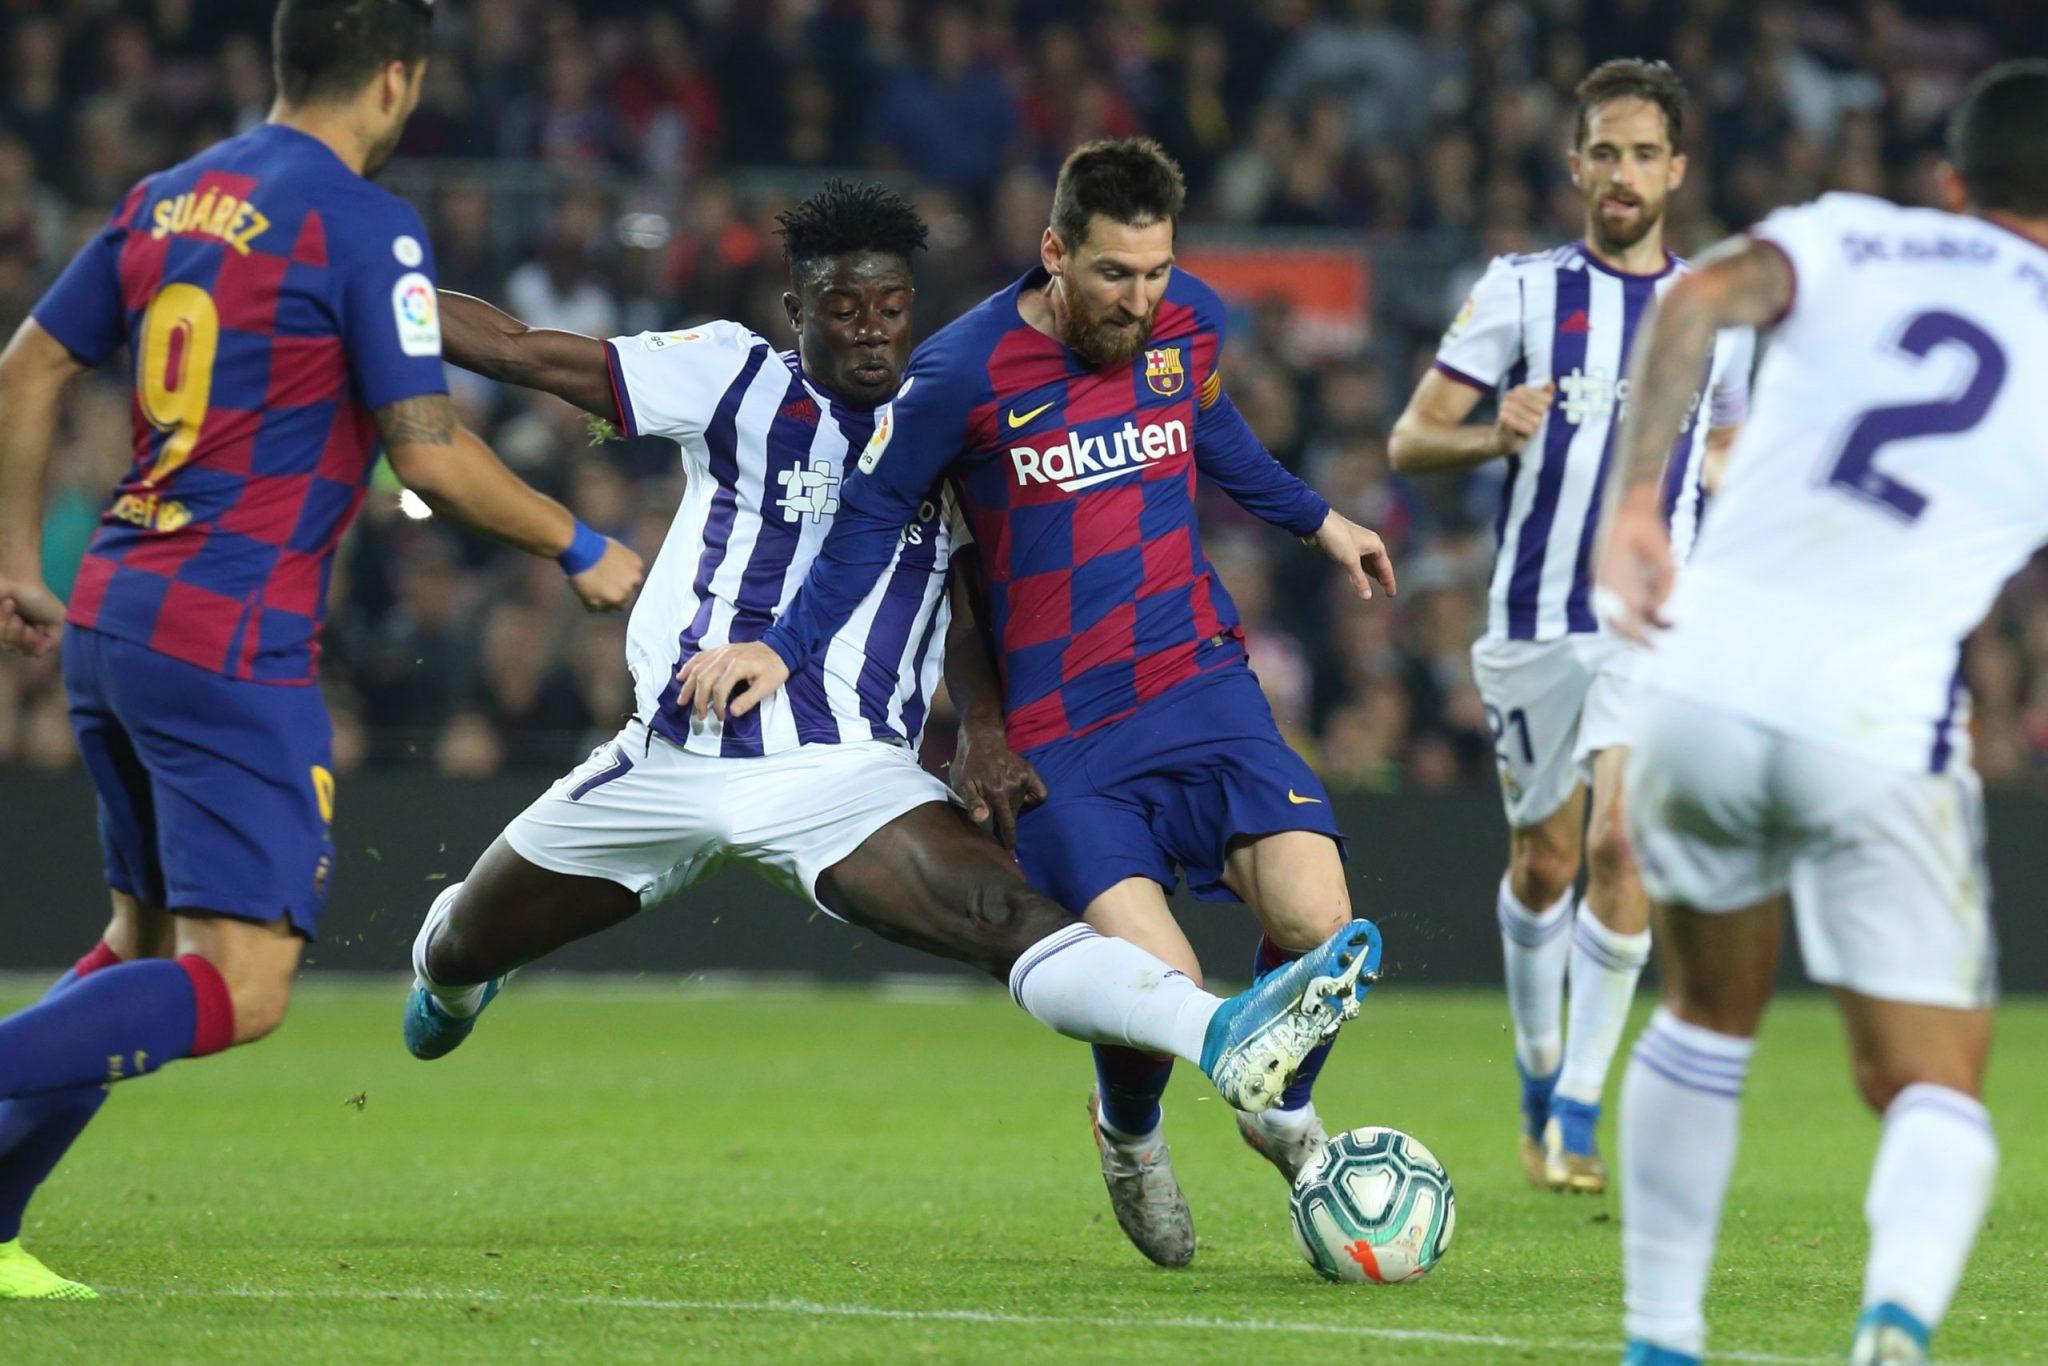 Mohammed Salisu - Real Valladolid (2)